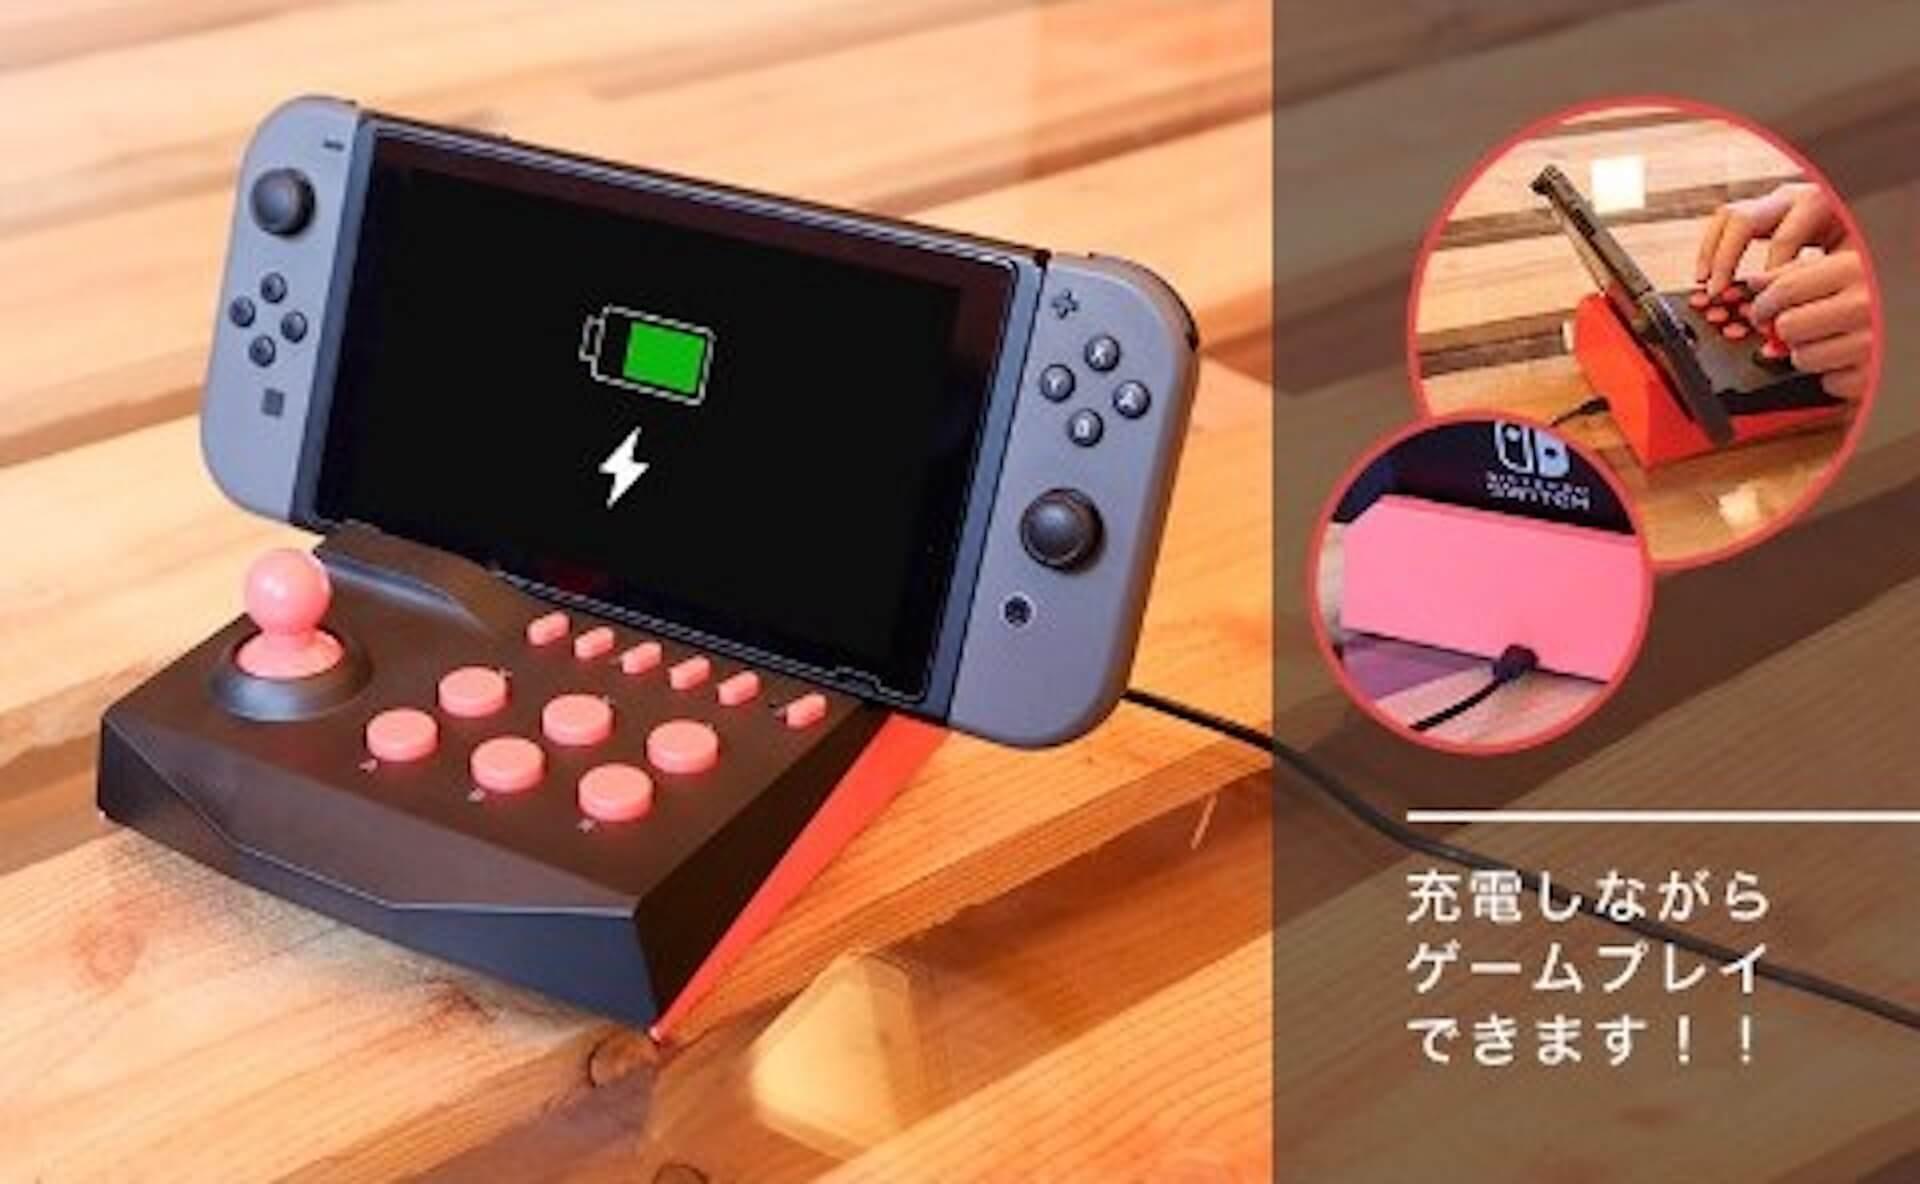 Nintendo Switchのゲームをアーケードゲーム風にプレイできる!ヴィレヴァンオンラインに充電できる「アーケードコントローラー」が登場 tech210323_nintendoswitch_controller_3